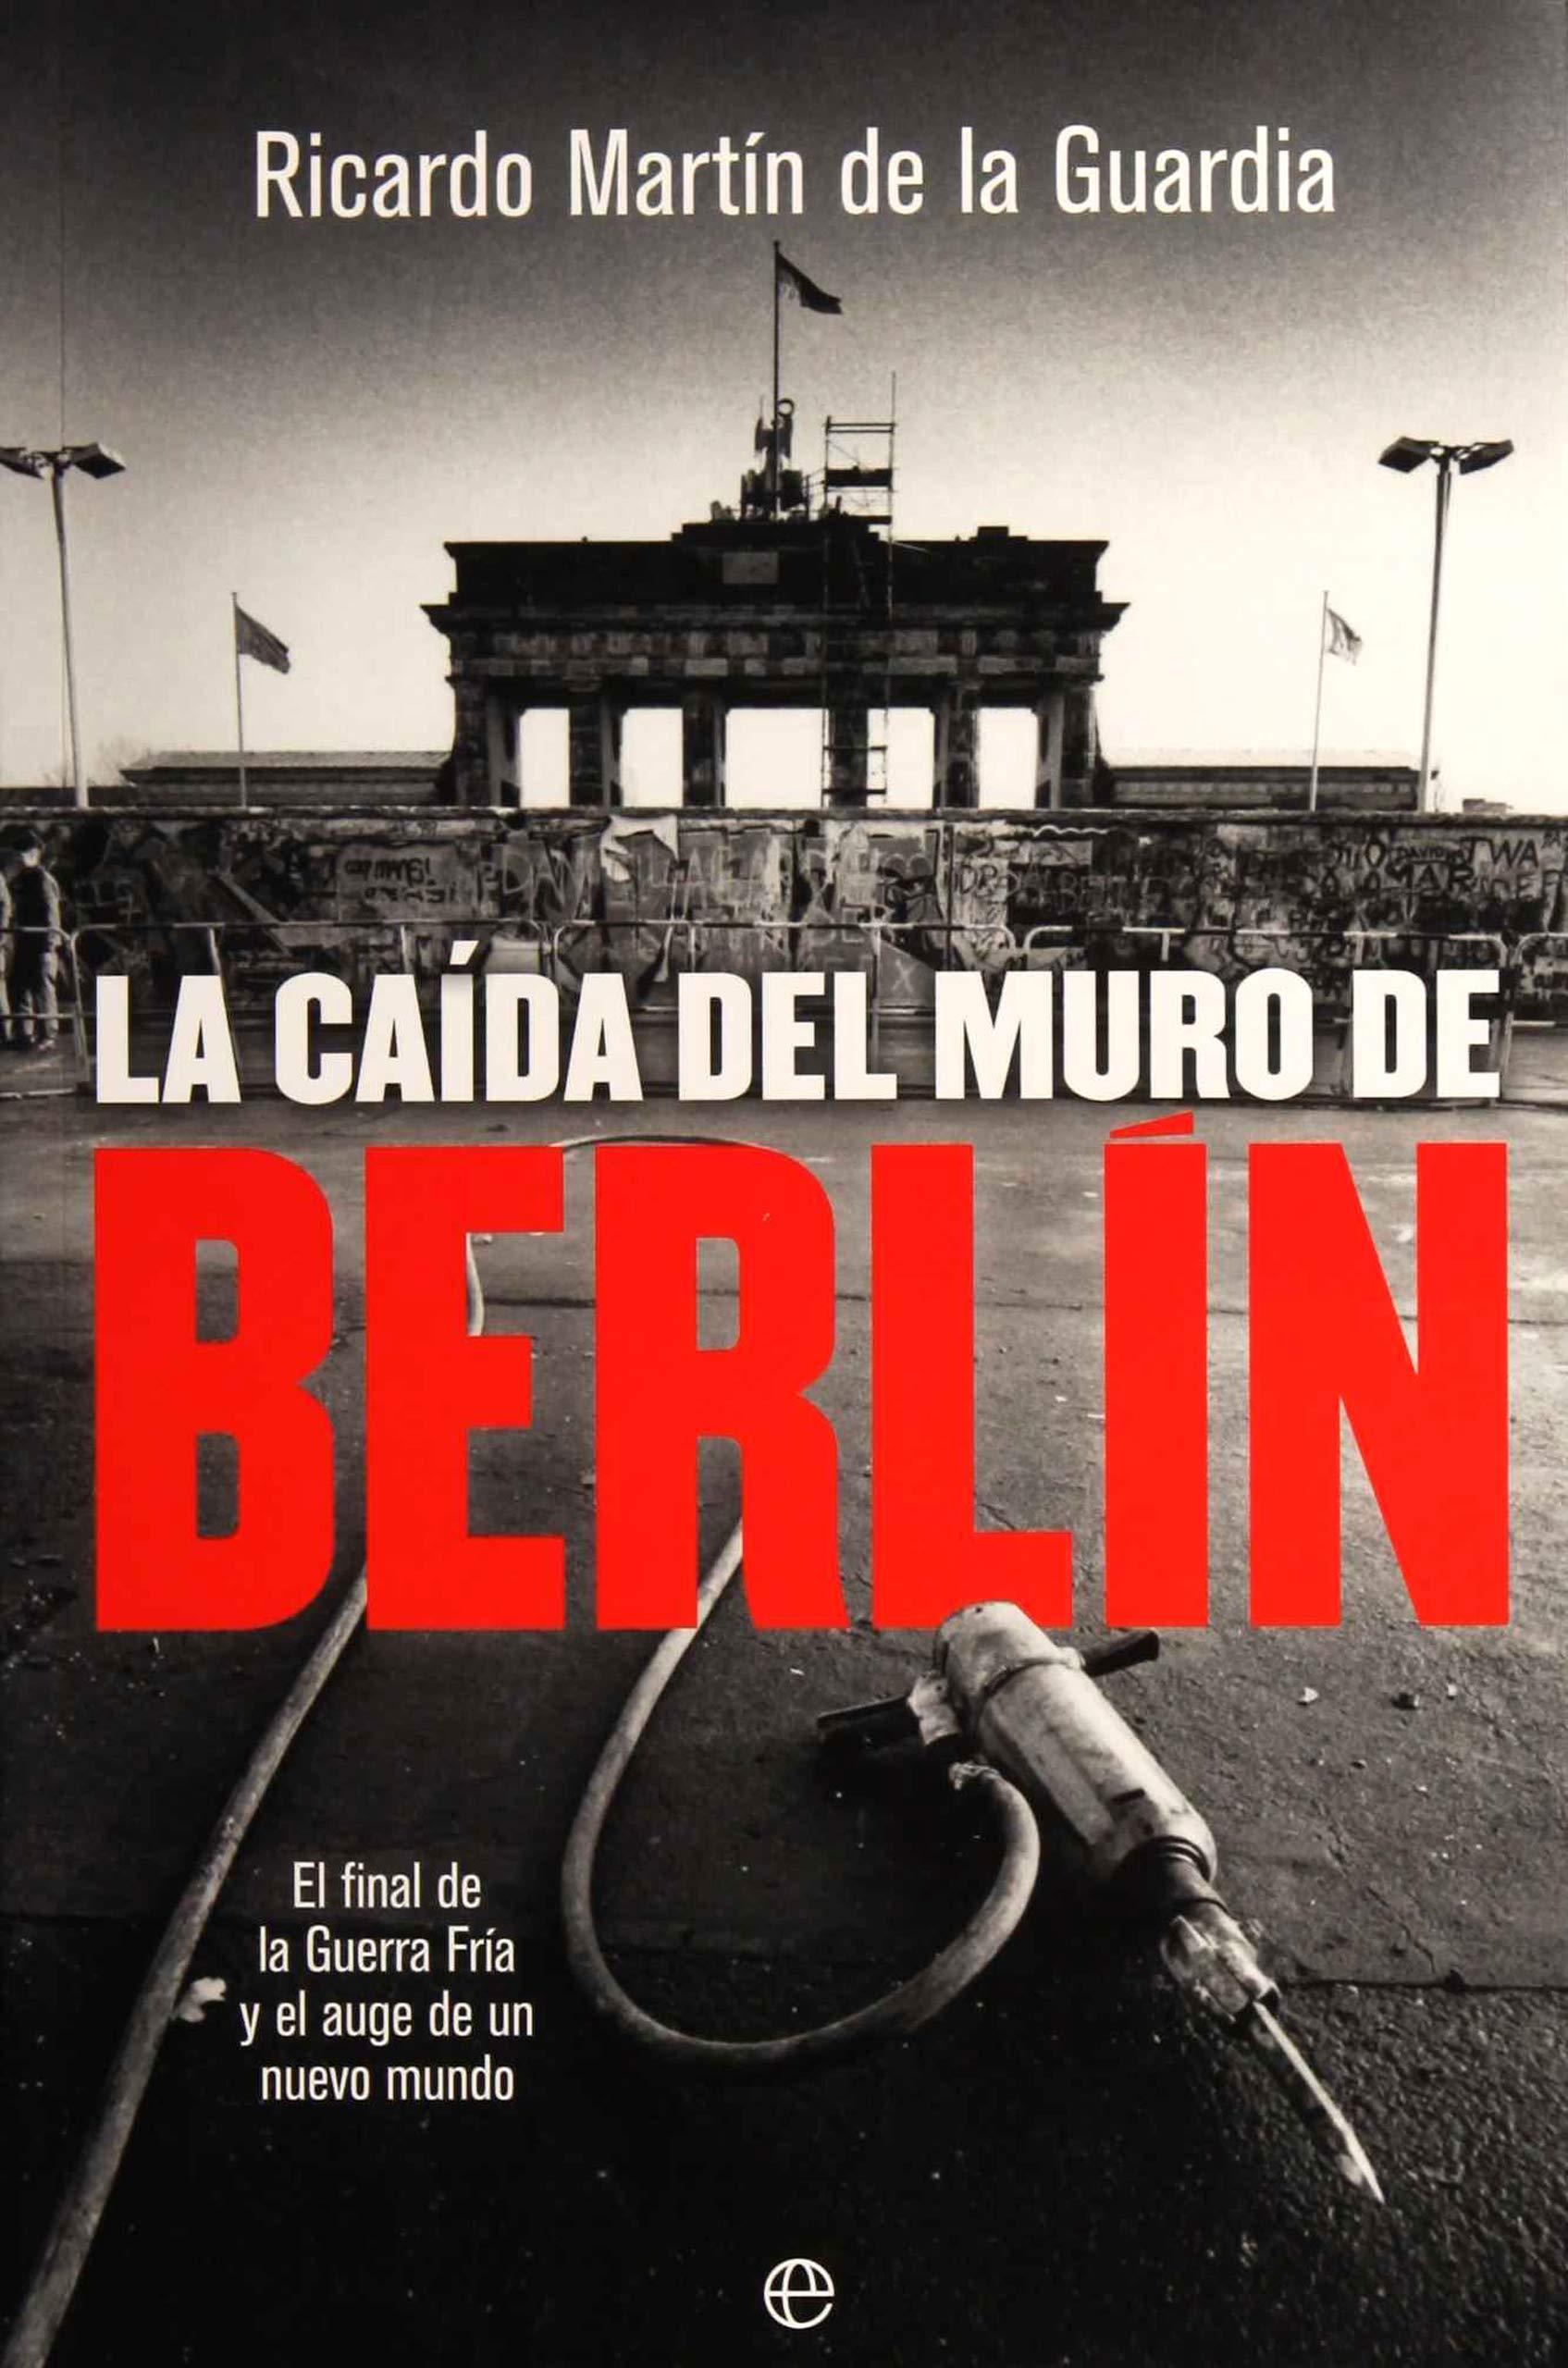 La caída del Muro de Berlín: El final de la Guerra Fría y el auge de un nuevo mundo Historia del siglo XX: Amazon.es: Martín de la Guardia, Ricardo: Libros